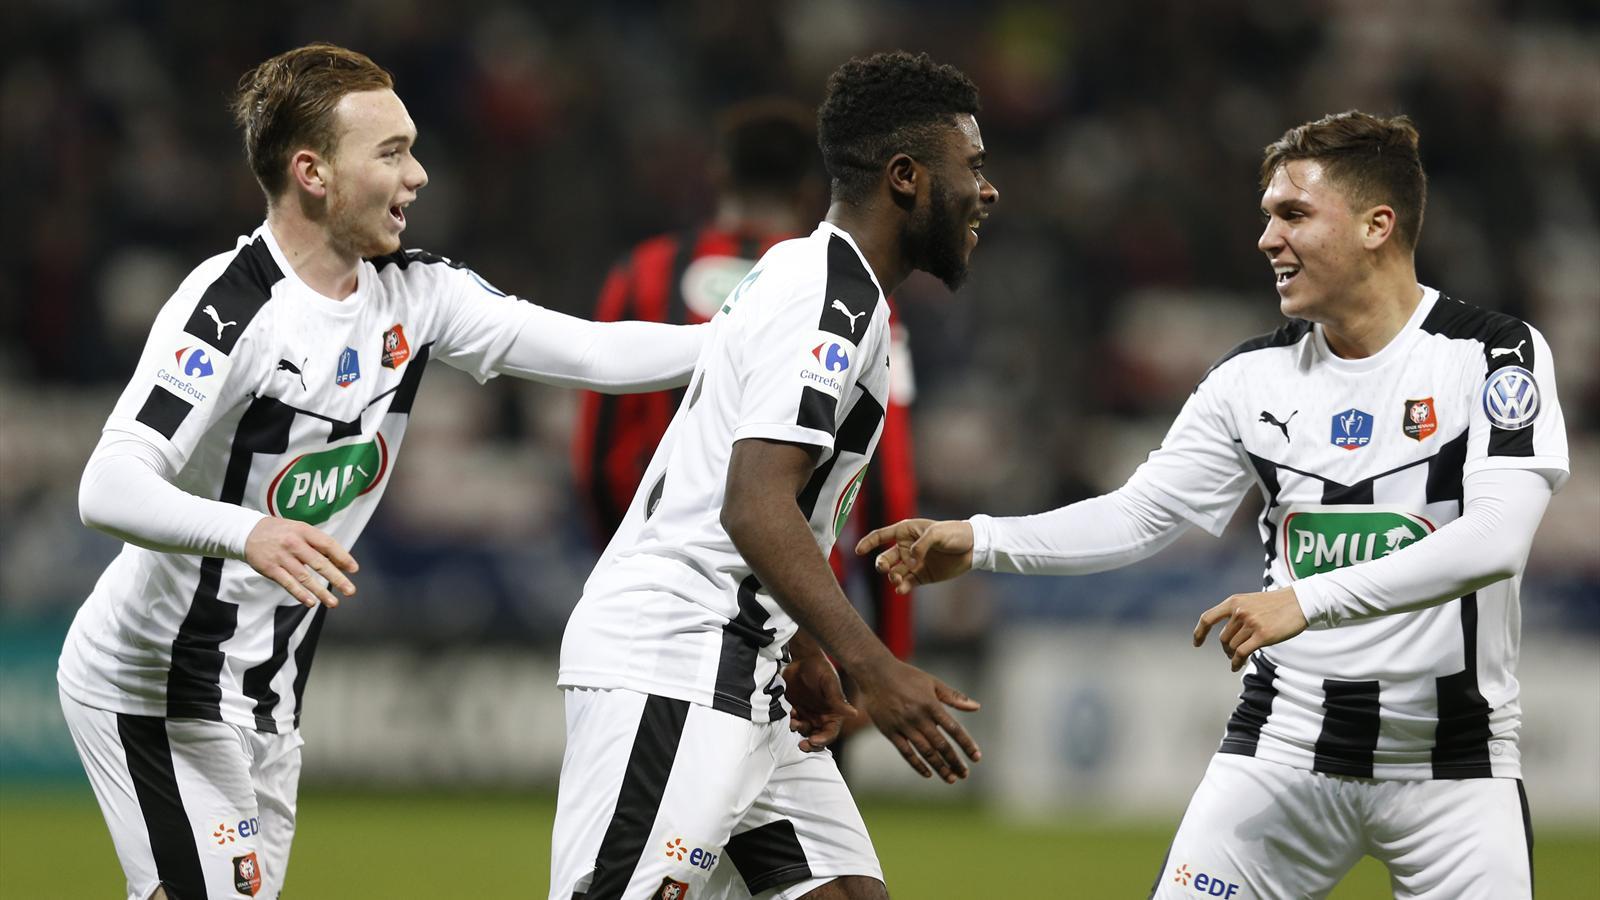 Coupe de france 32e de finale rennes sort nice au bout - Resultats coupe de france football 2015 ...